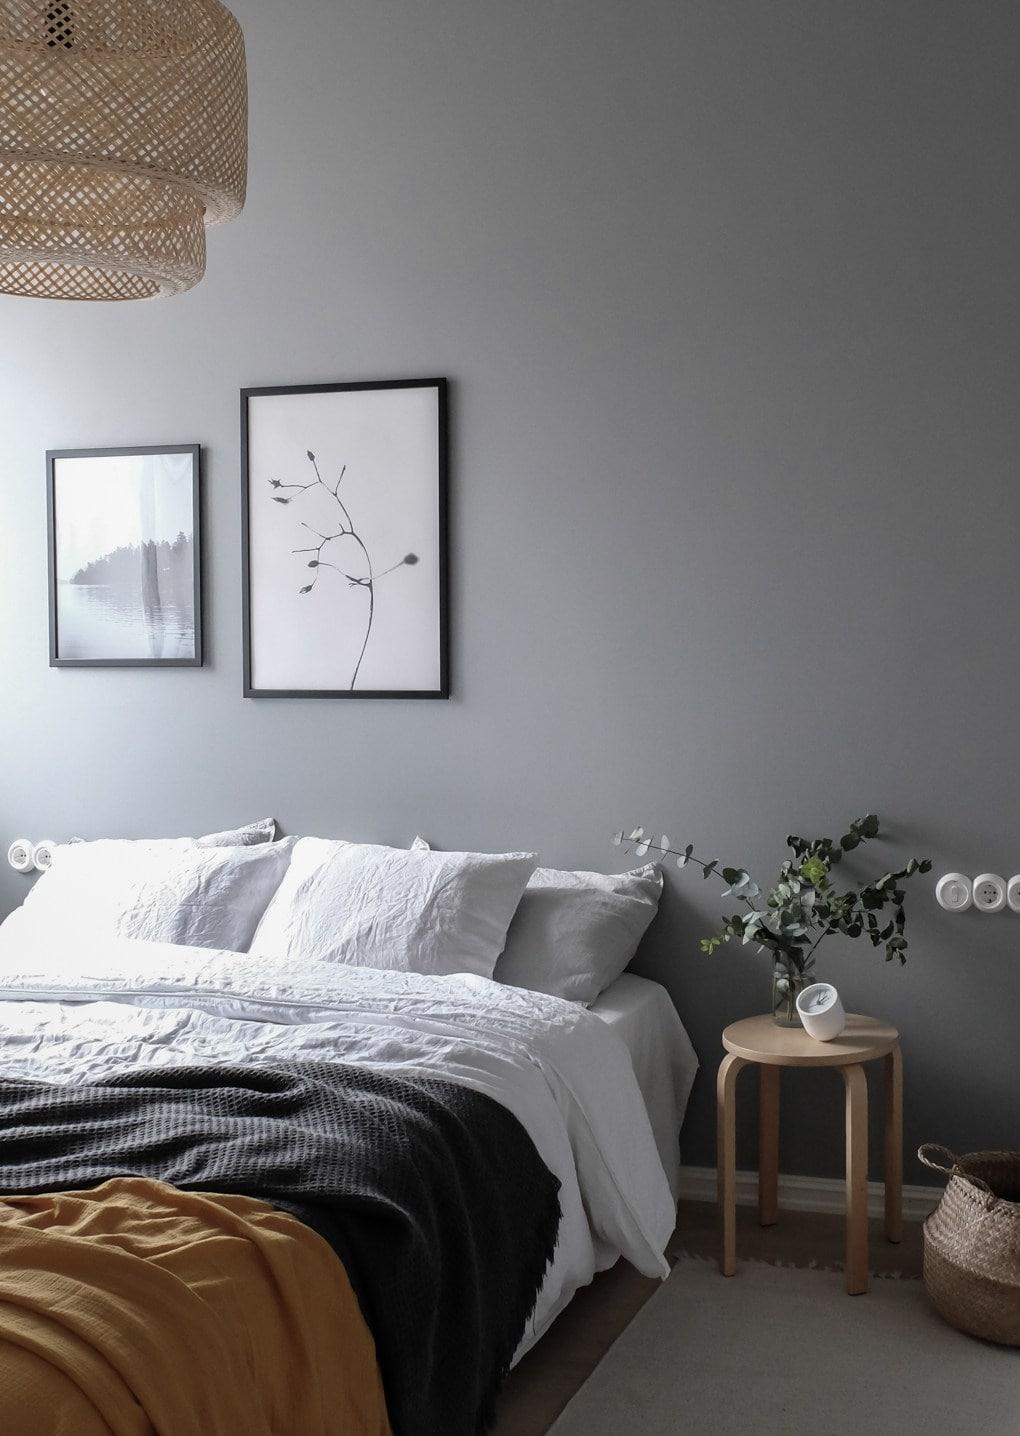 10 inspiring grey bedroom walls - COCO LAPINE DESIGNCOCO ...